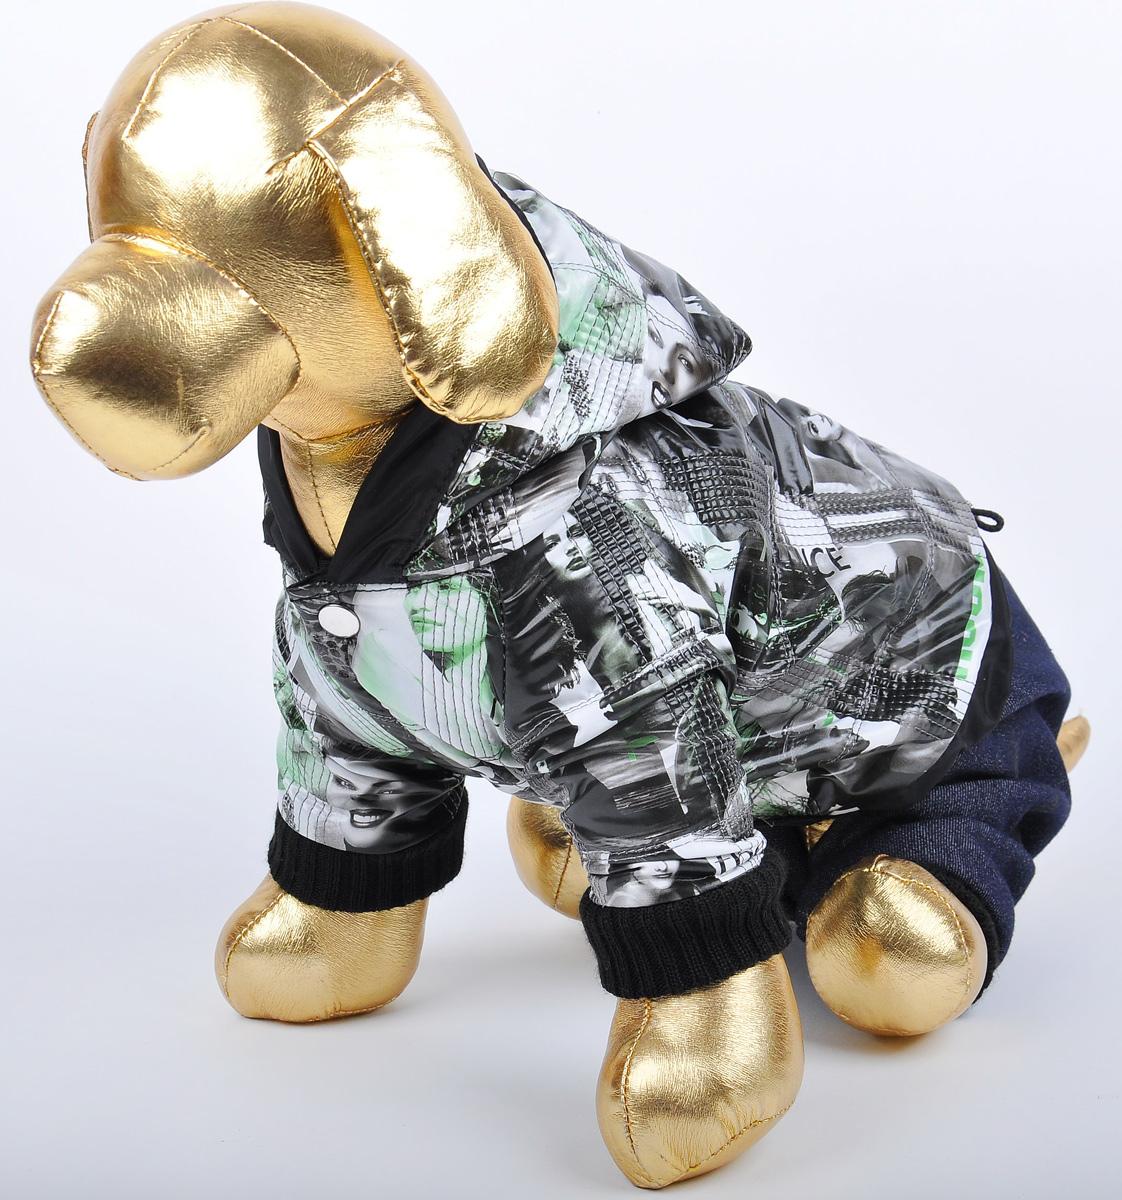 Куртка со штанами для собак GLG Столица. Размер XS0120710Куртка с джинсовыми штанами для собак столица, материал куртка болонья, штаны джинса х/б, размер-XS, длина спины19-21см, объем груди-26-28см.